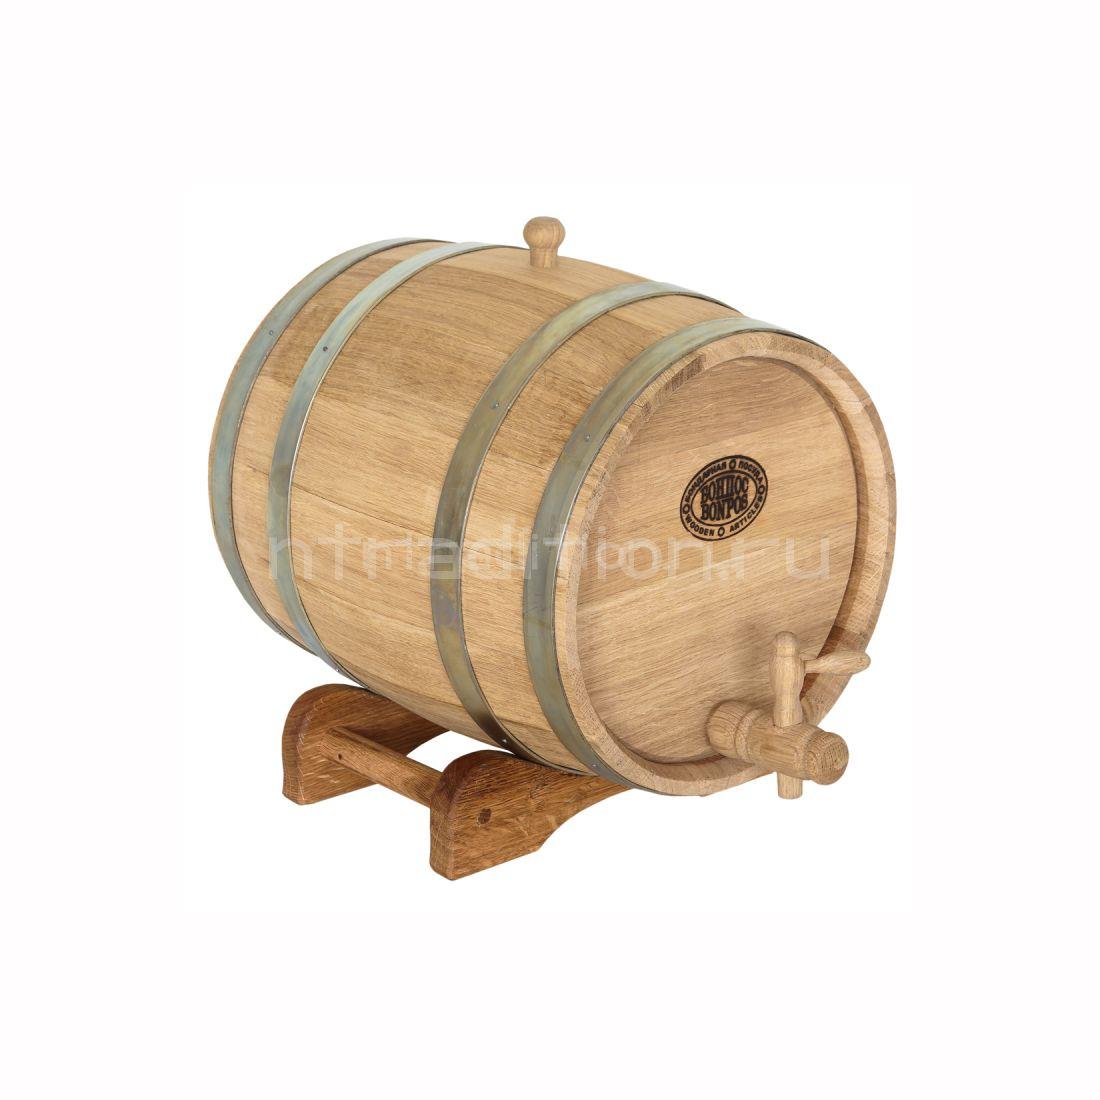 Дубовая бочка для самогона, вина, коньяка (БонПос), 15 литров